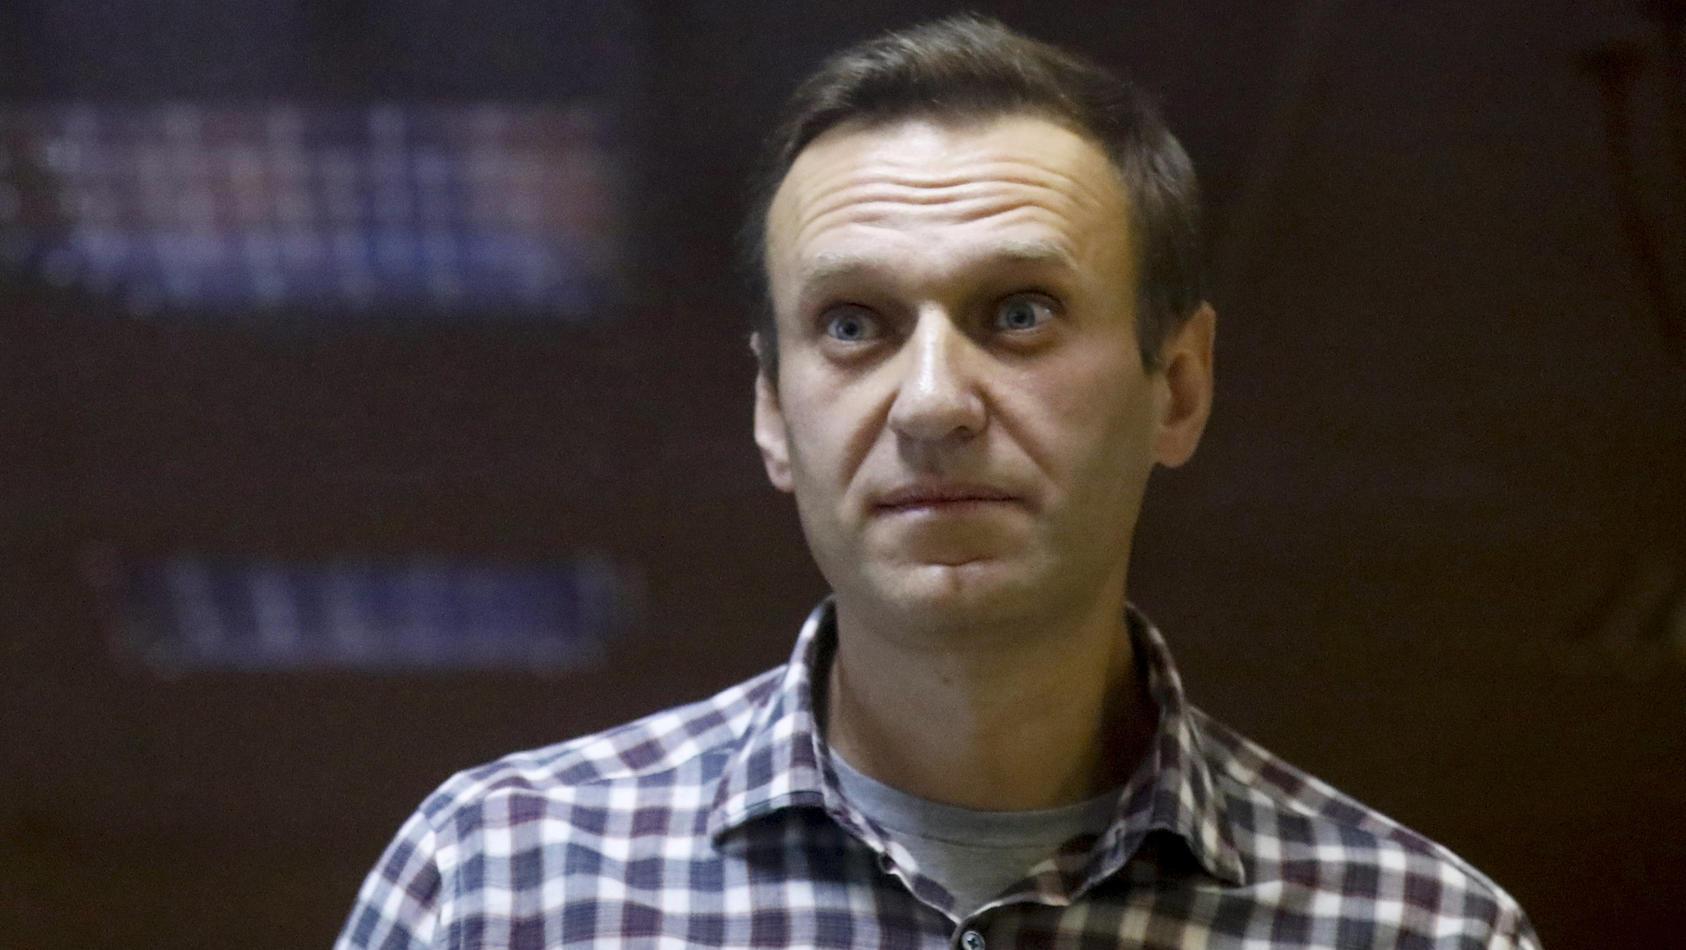 Kremlgegner Alexej Nawalny wurde in eine Gefängnisklinik verlegt.